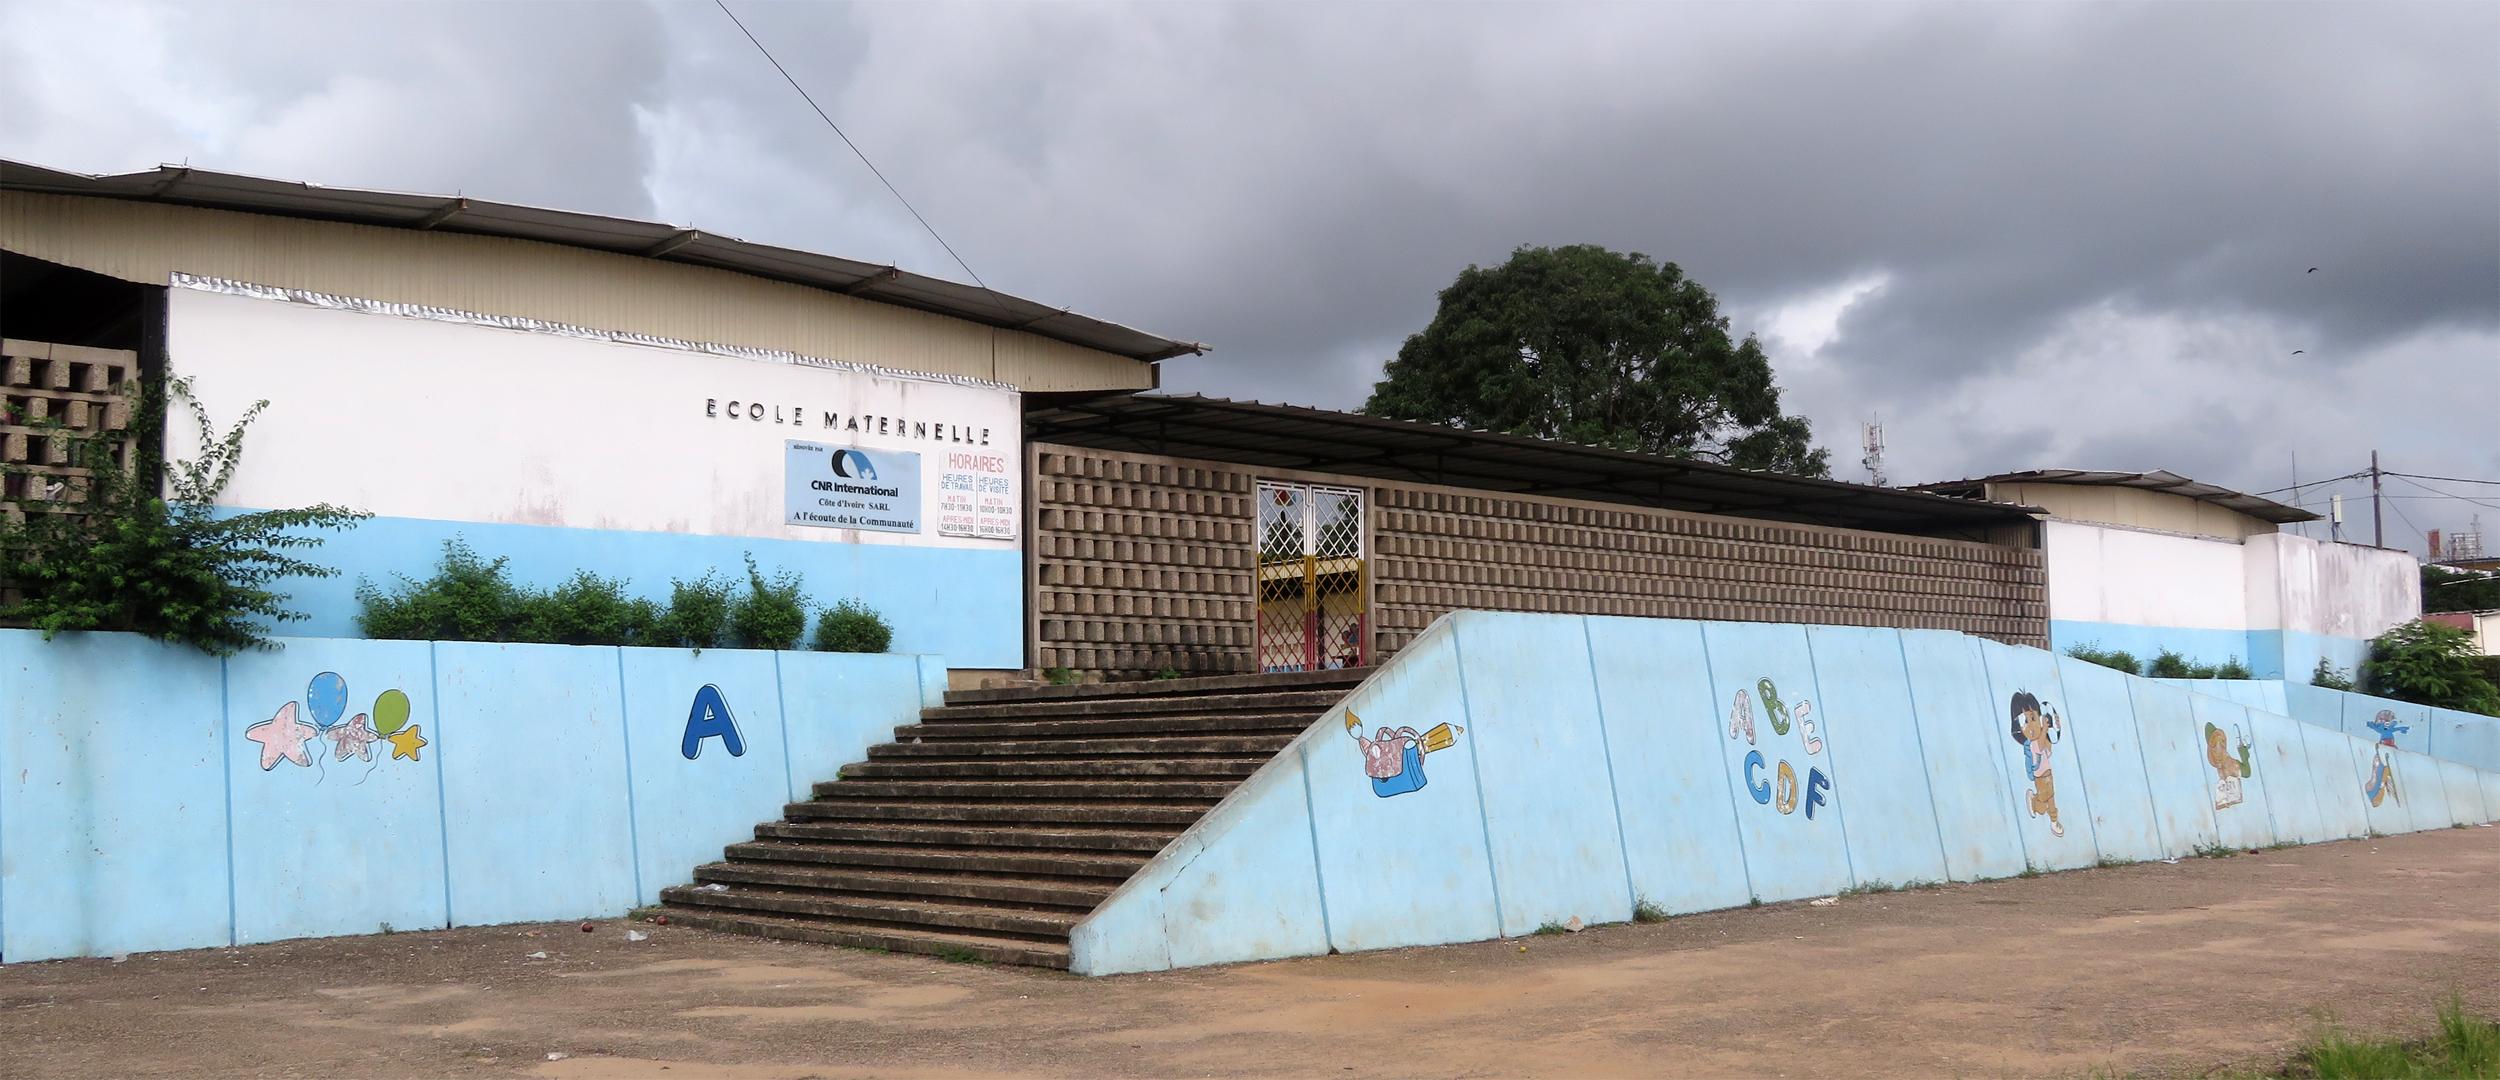 Infant school